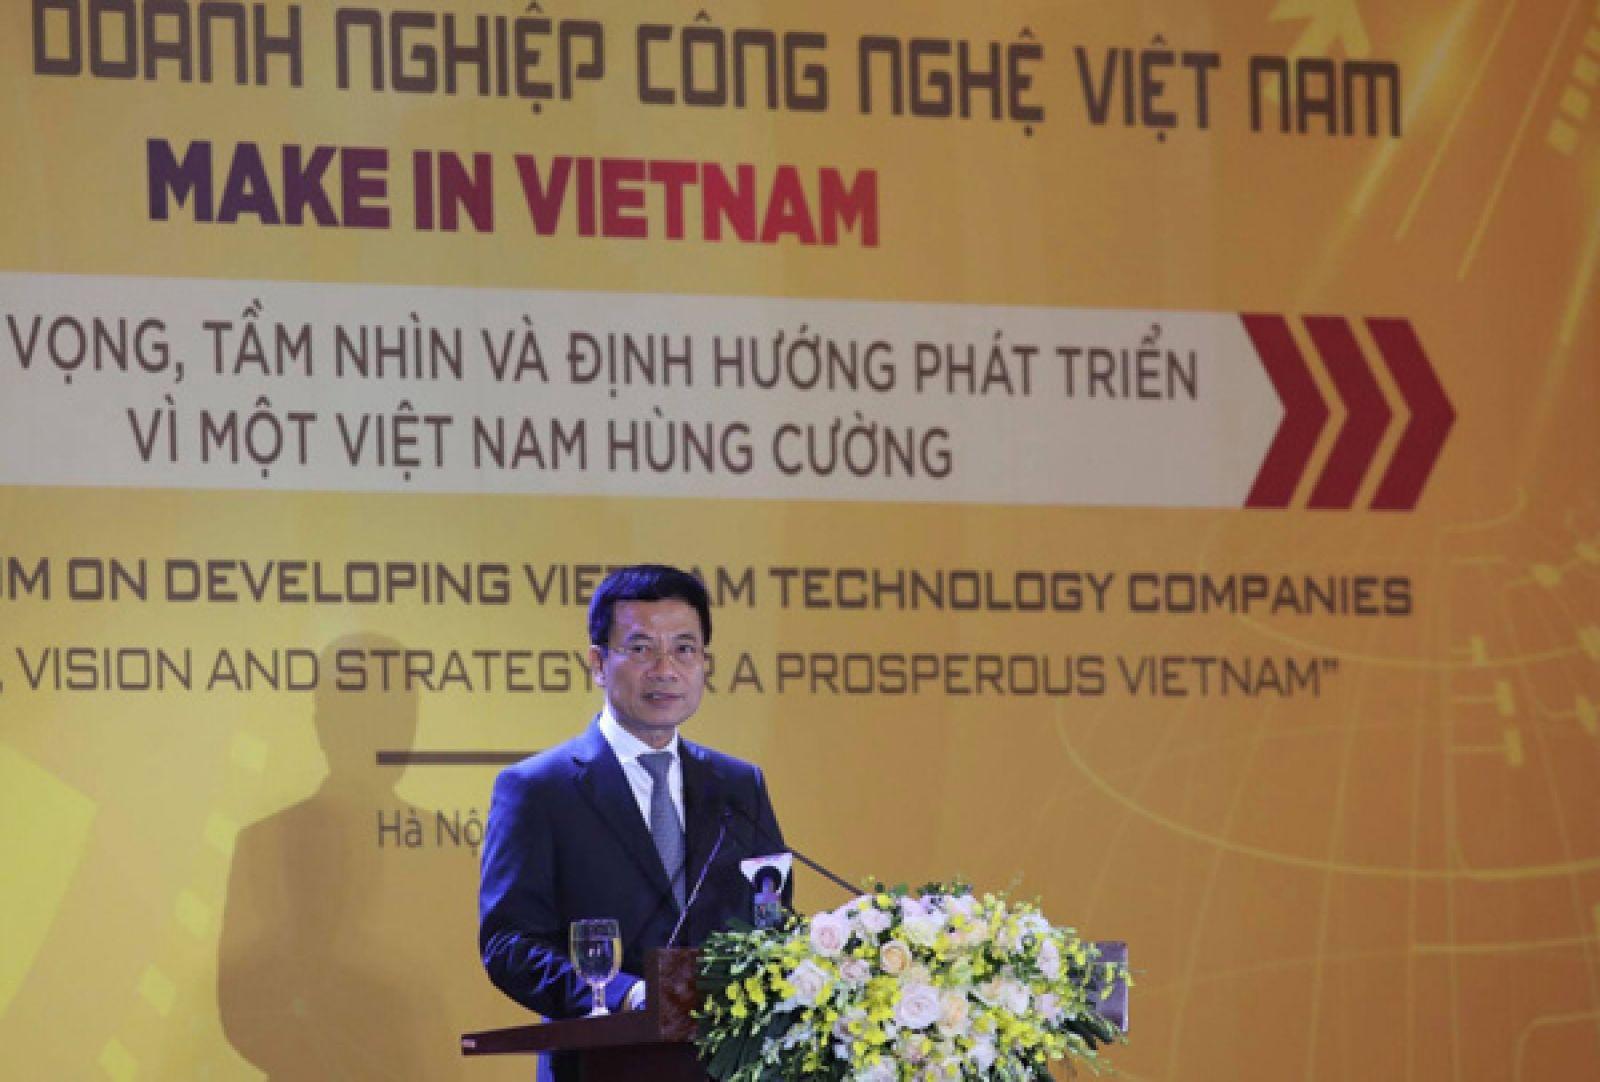 Bộ trưởng Bộ Thông tin Truyền thông Nguyễn Mạnh Hùng phát biểu tại Diễn đàn.